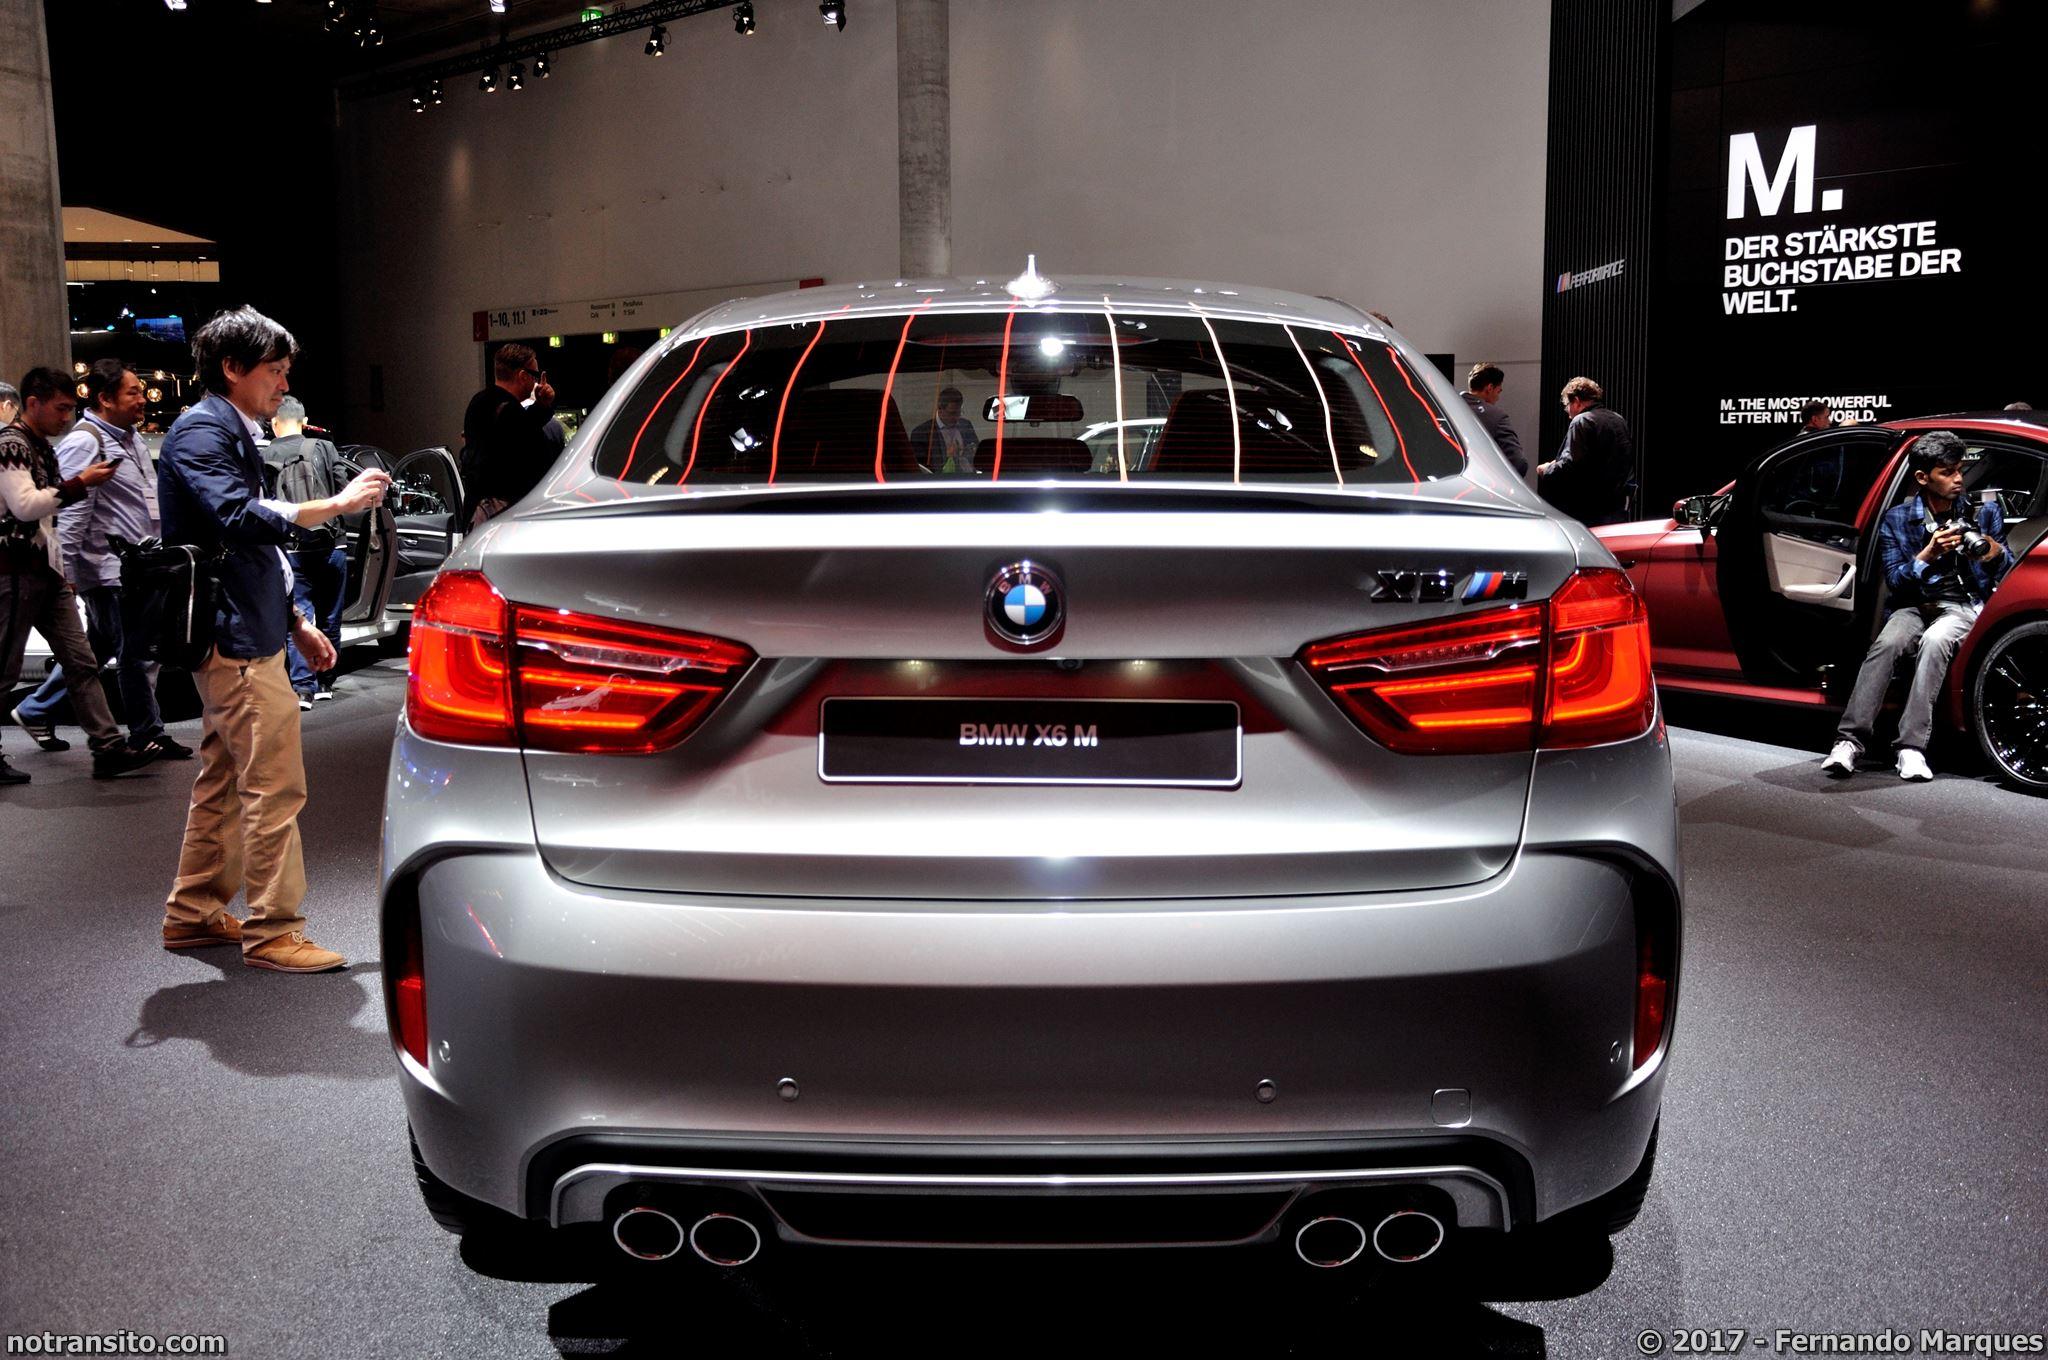 BMW-X6-M-Frankfurt-2017-004